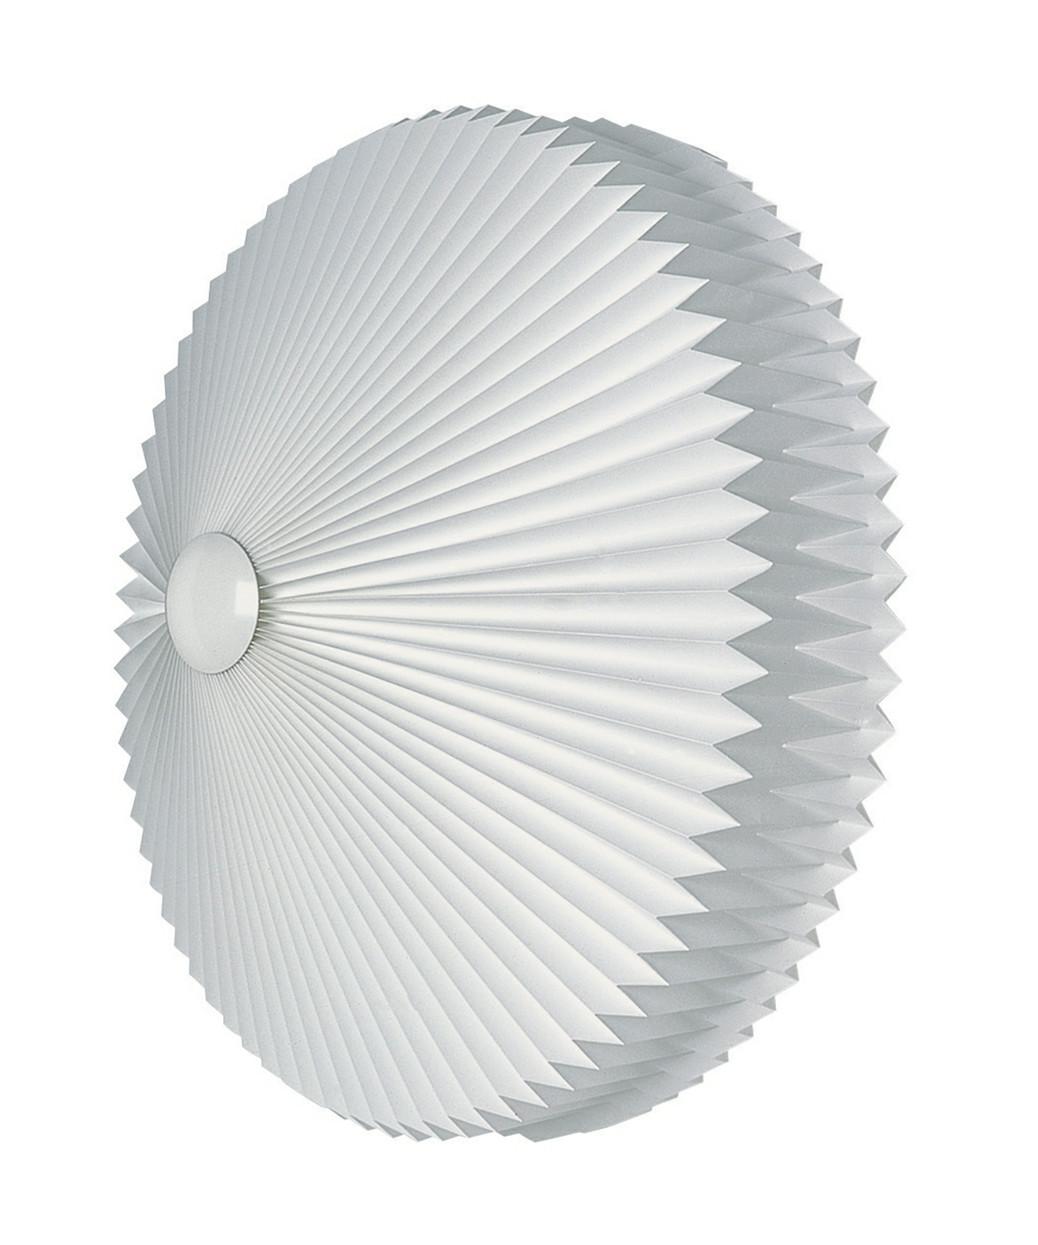 Le Klint 209-45 Væglampe - Le Klint